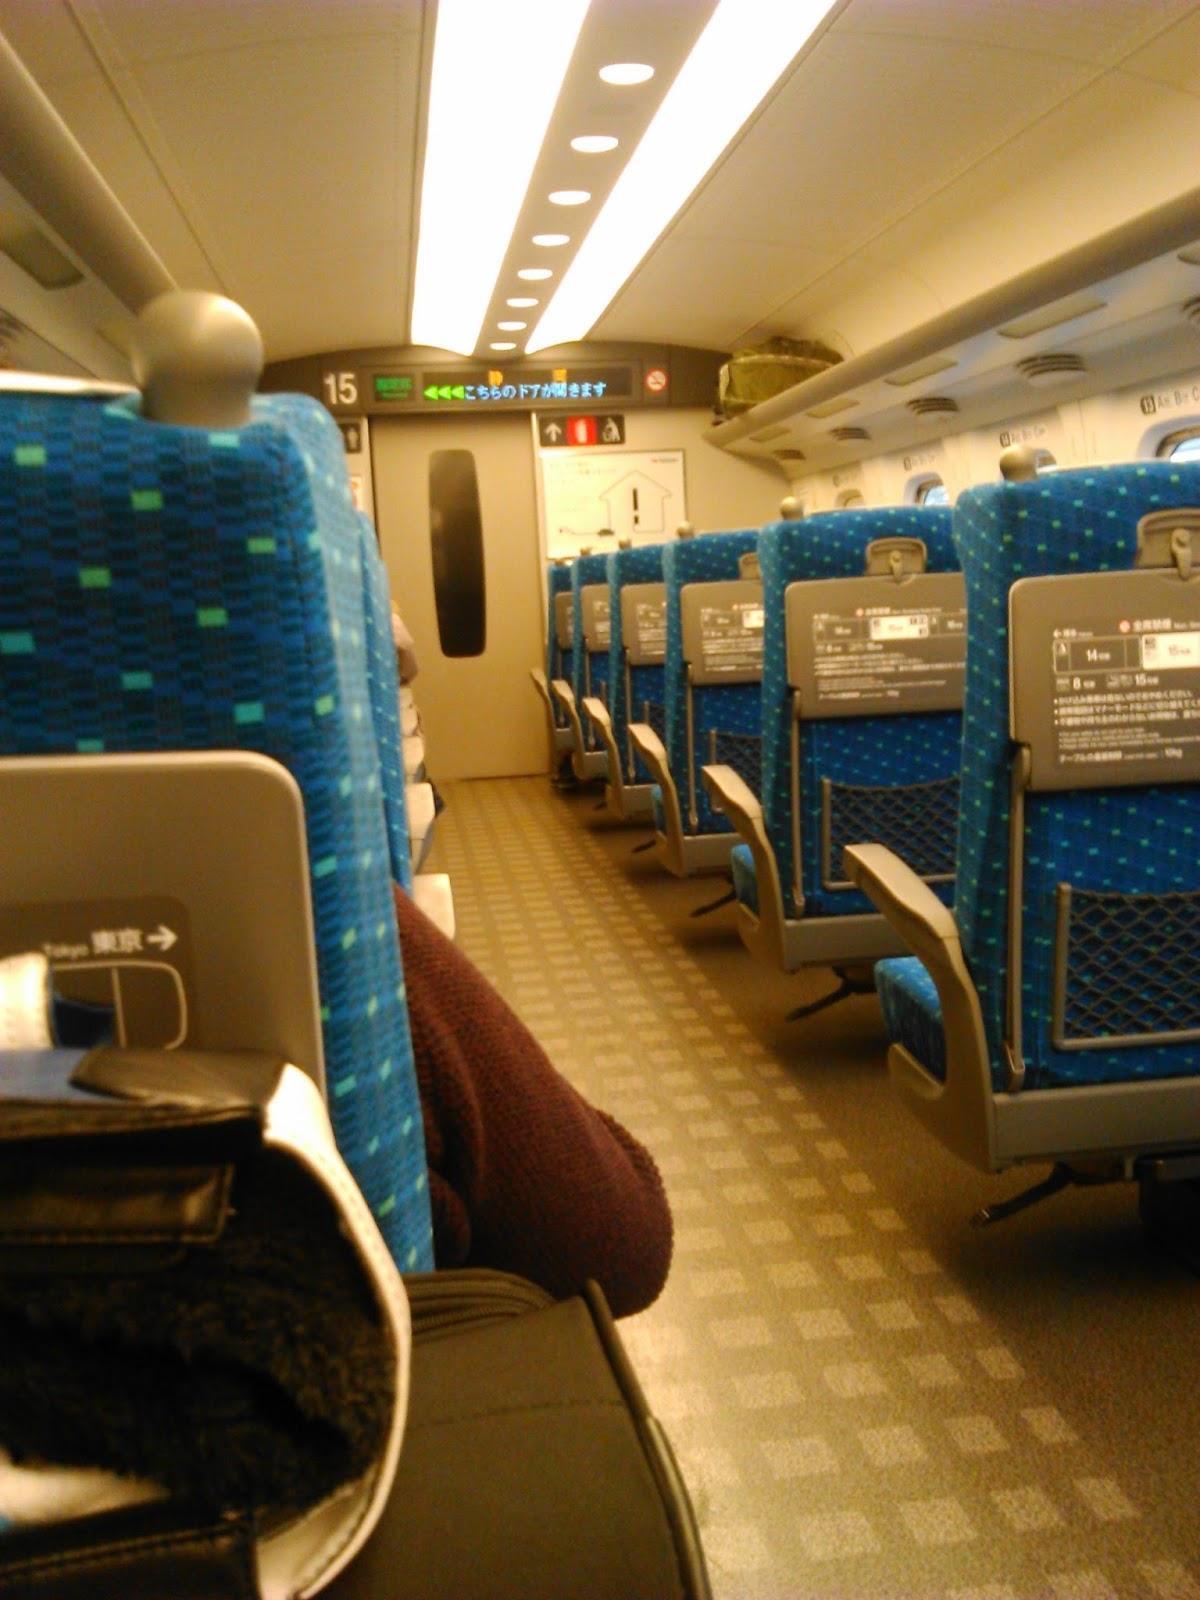 dan bisa untuk menyimpan koper besar lalu aku ambil lagi koperku untuk kusimpan di kursi ku sendiri Ini penampakan interior shinkansen yang kami naiki